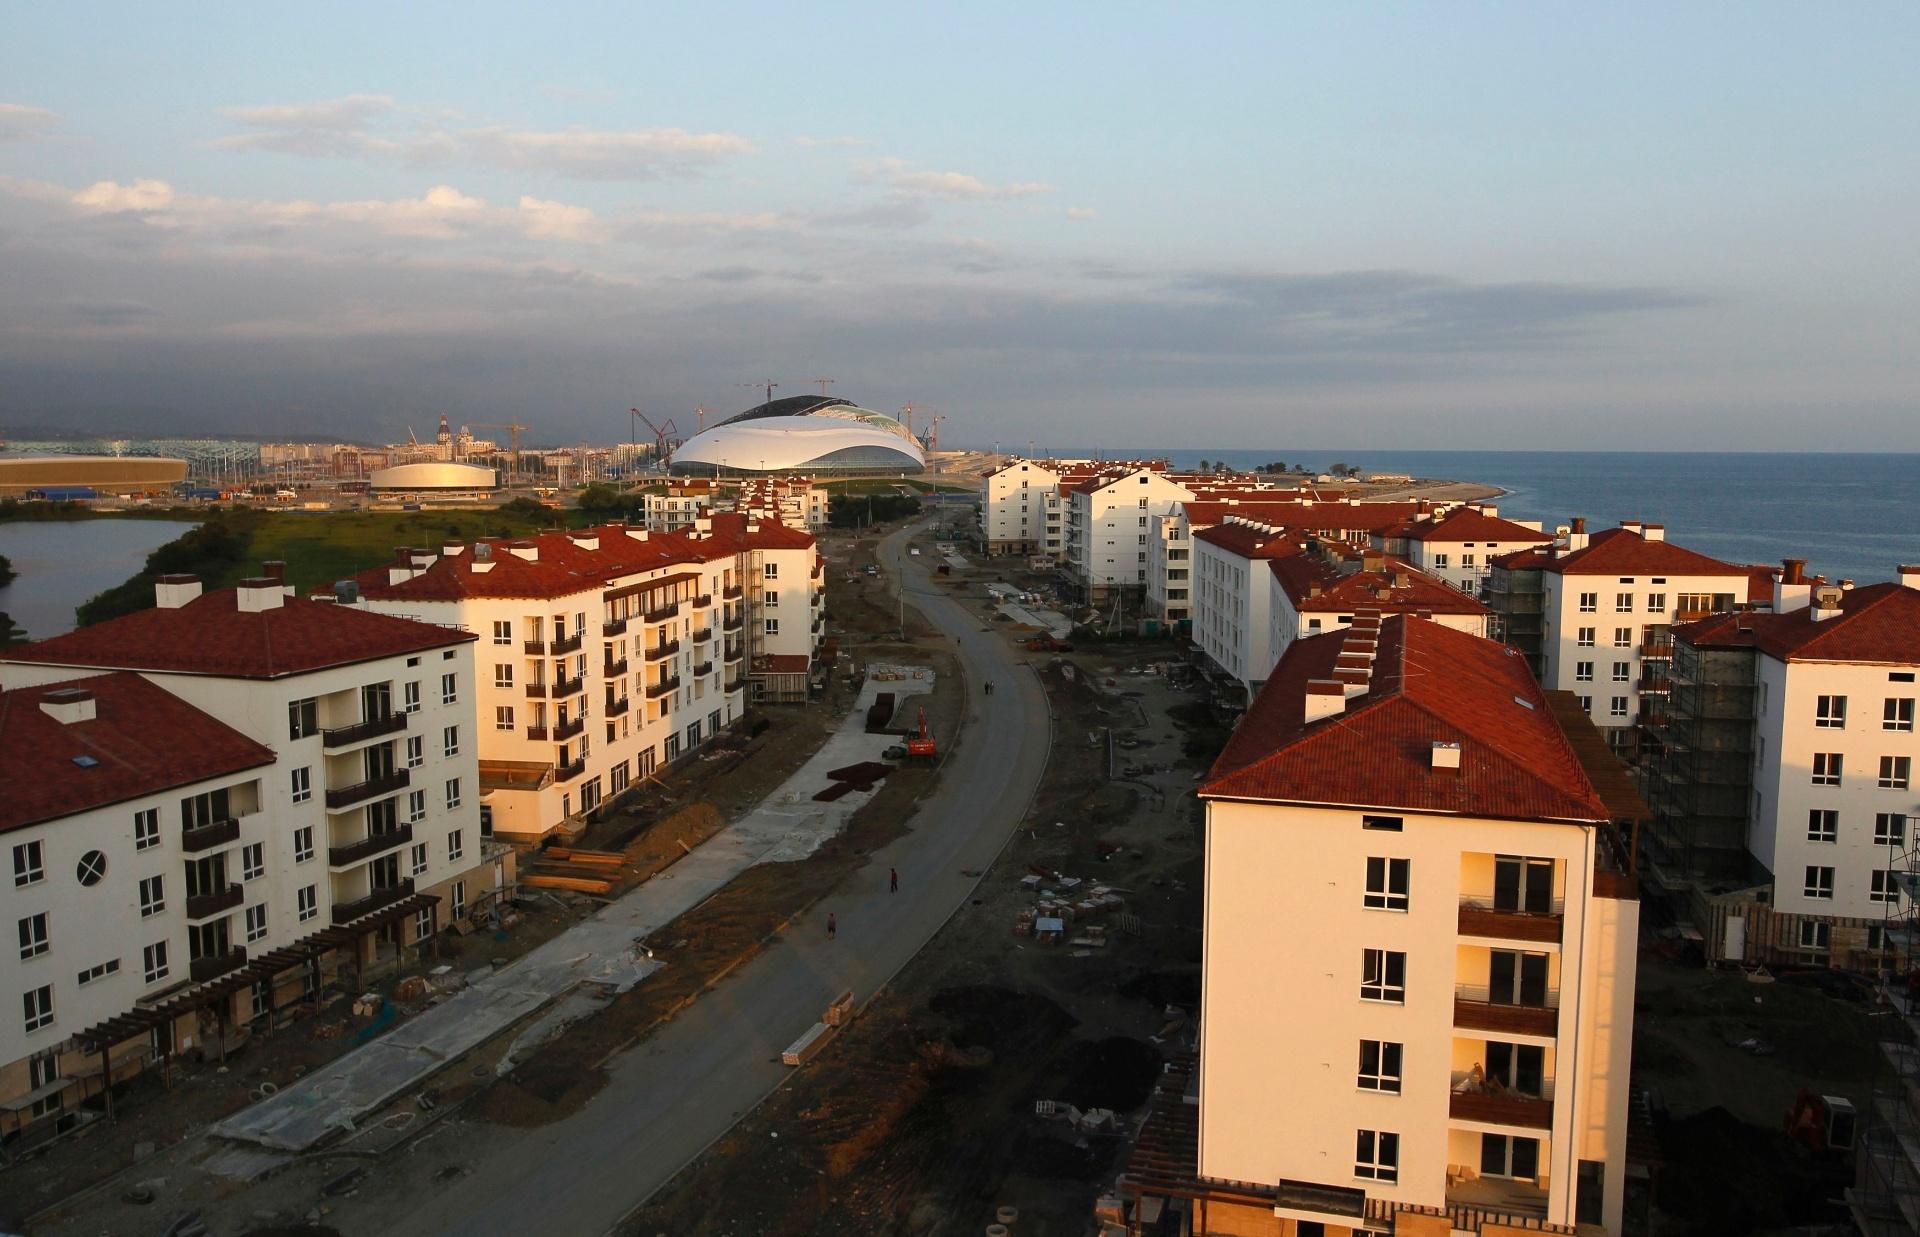 20.ago.2013 - Imagem mostra a Vila Olímpica e, ao fundo, o Parque Olímpico que está sendo finalizado para os Jogos de Inverno de Sochi-2014, na Rússia